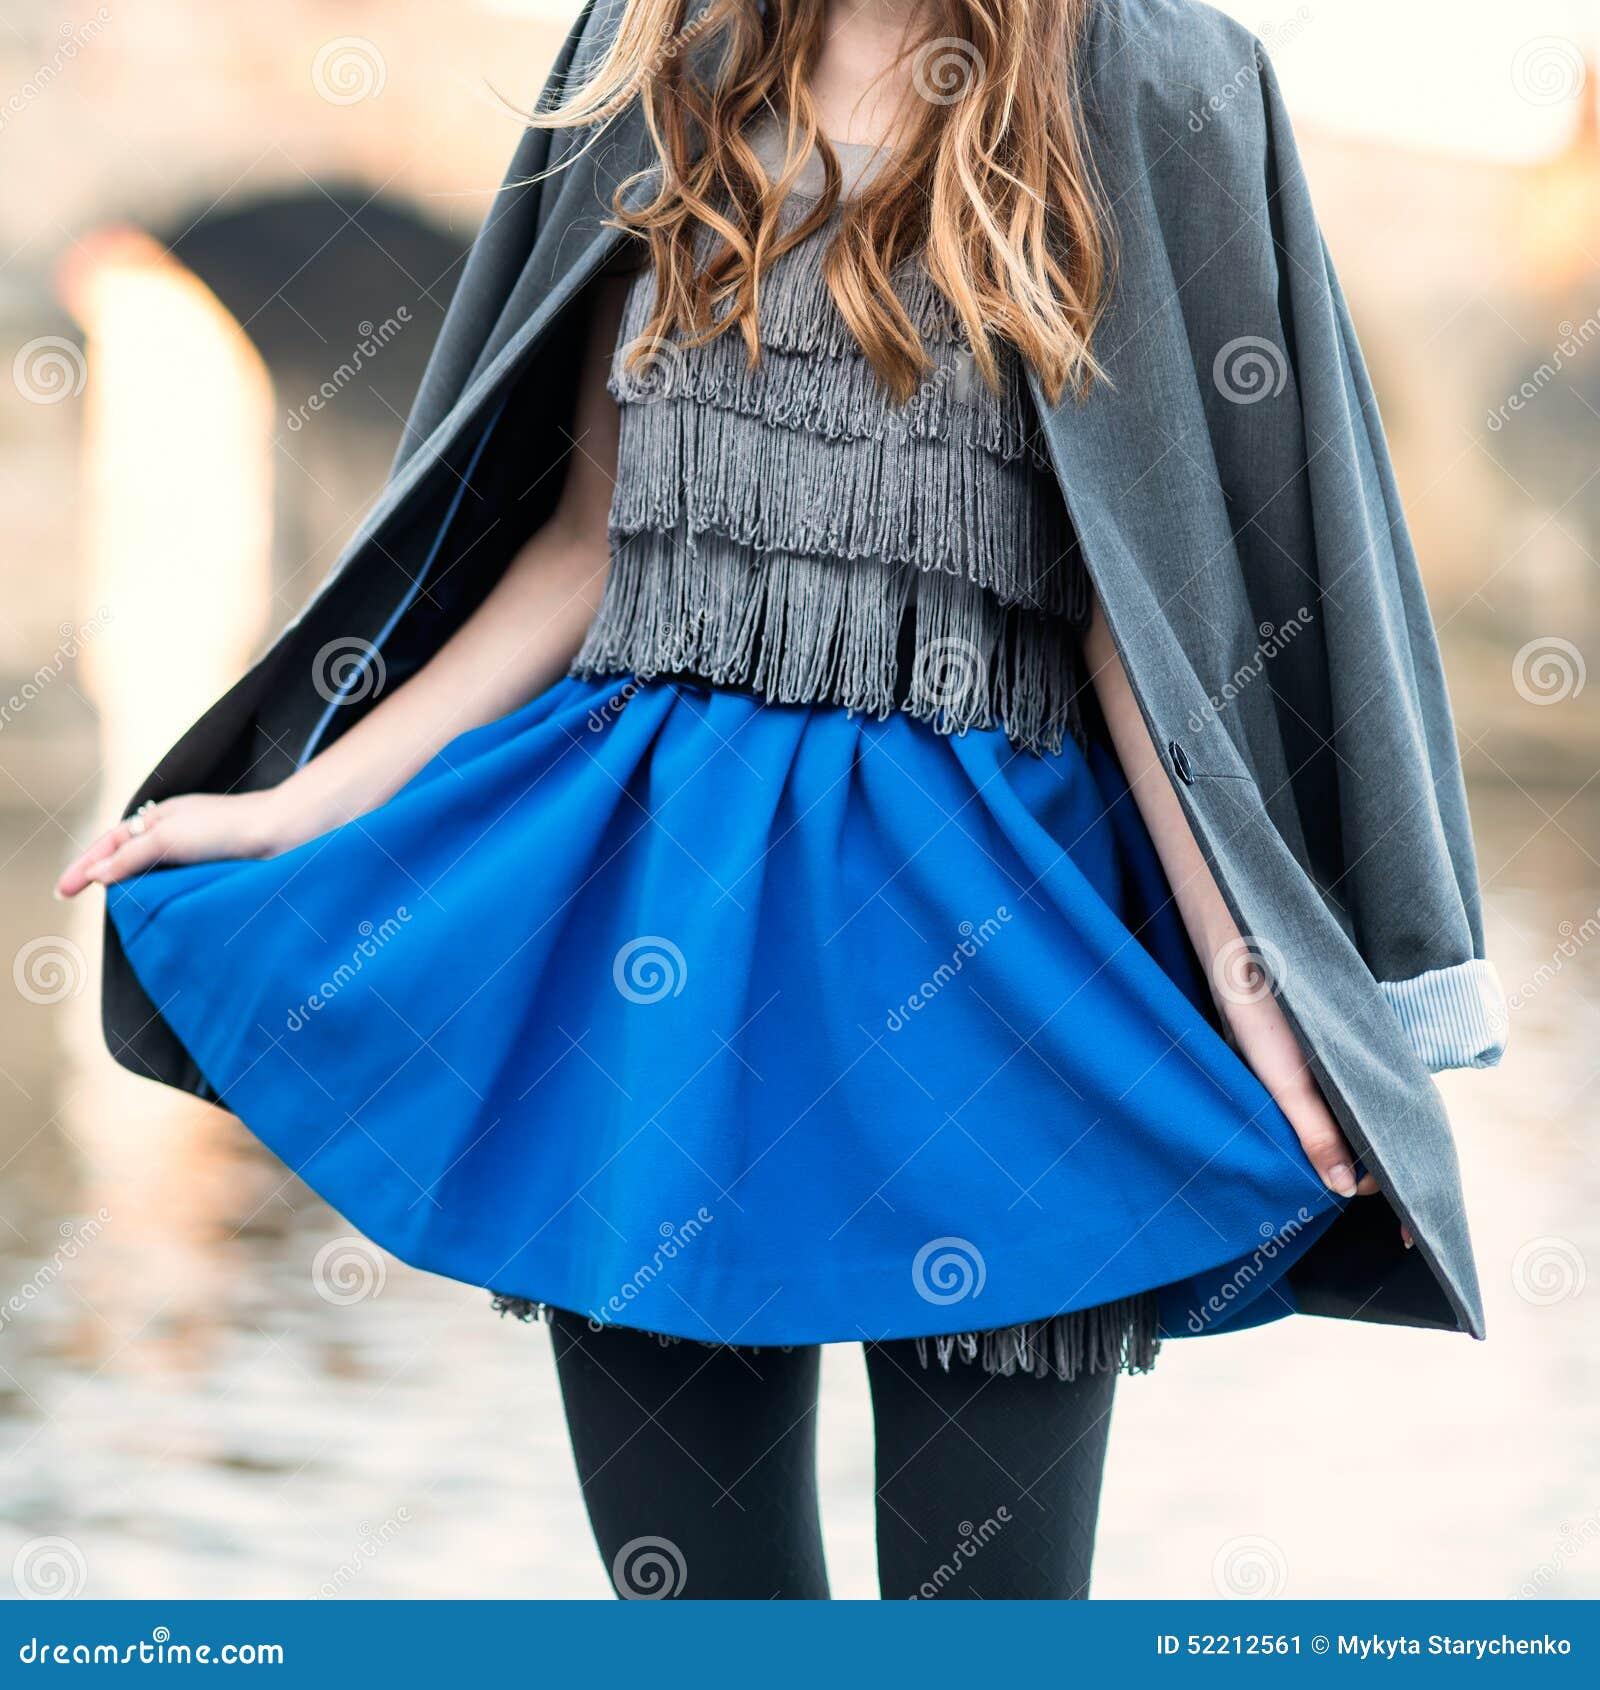 Vestido azul con medias negras